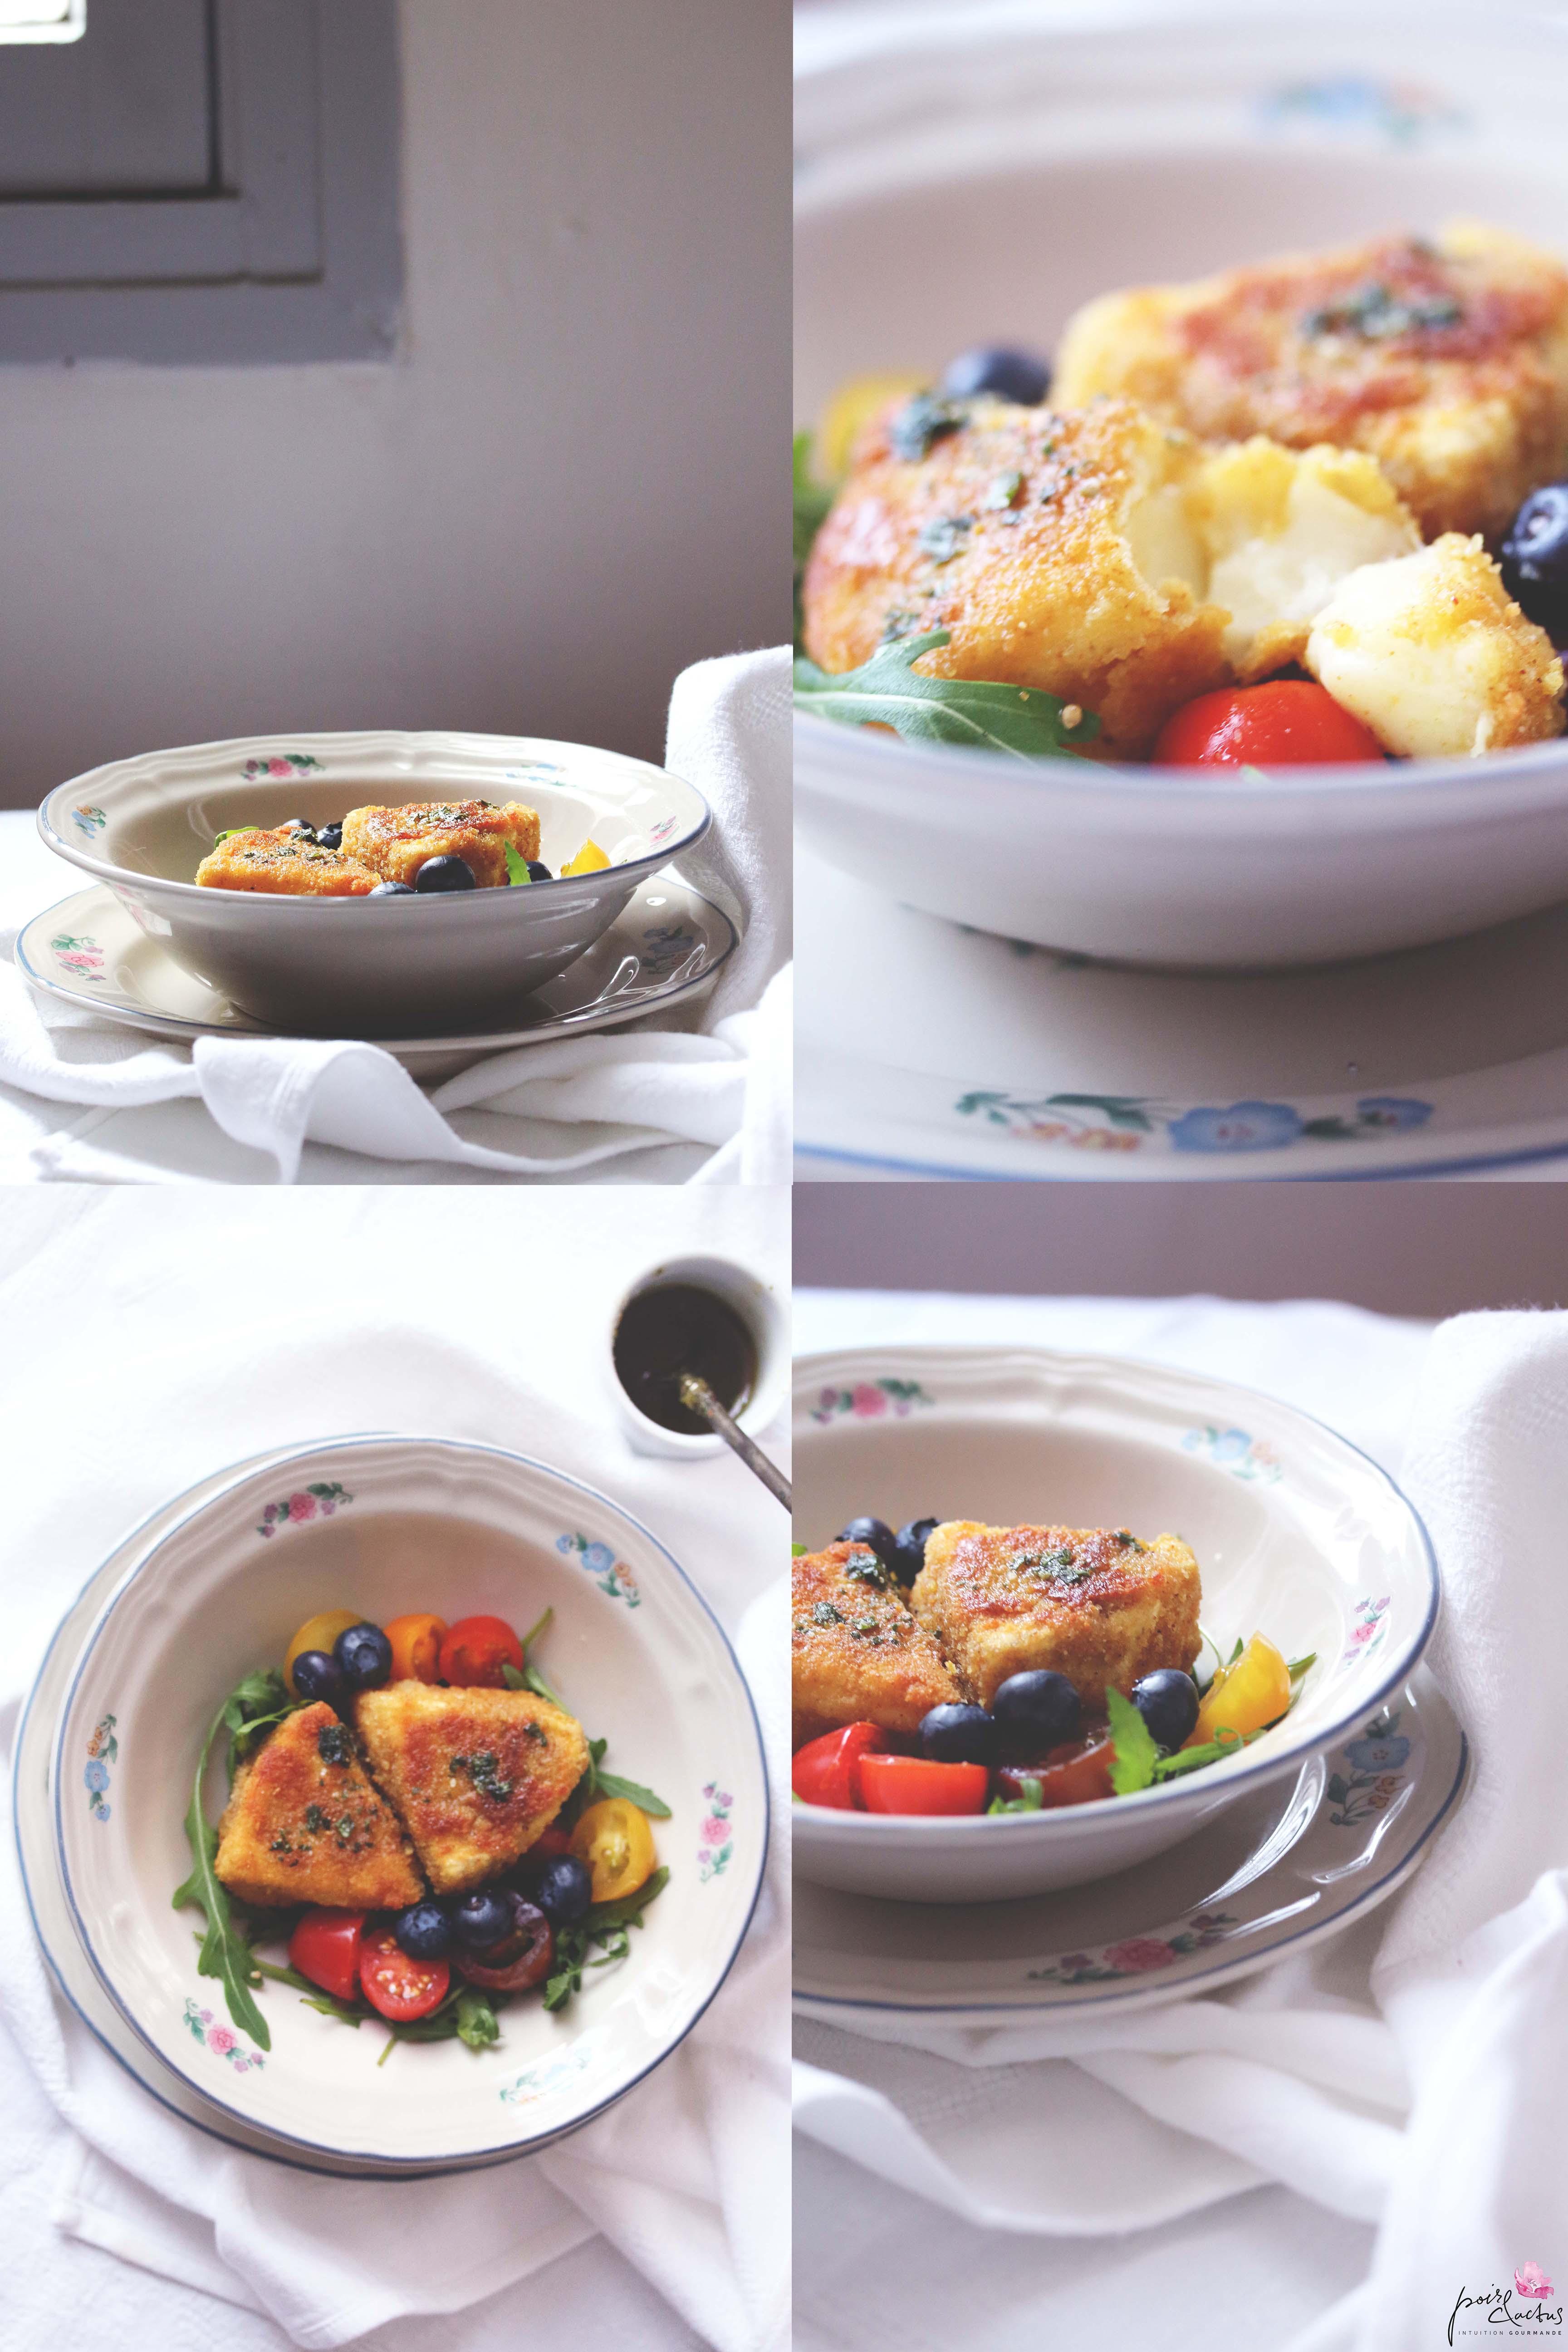 recette_fromage_pane_salade_poiretcactus6